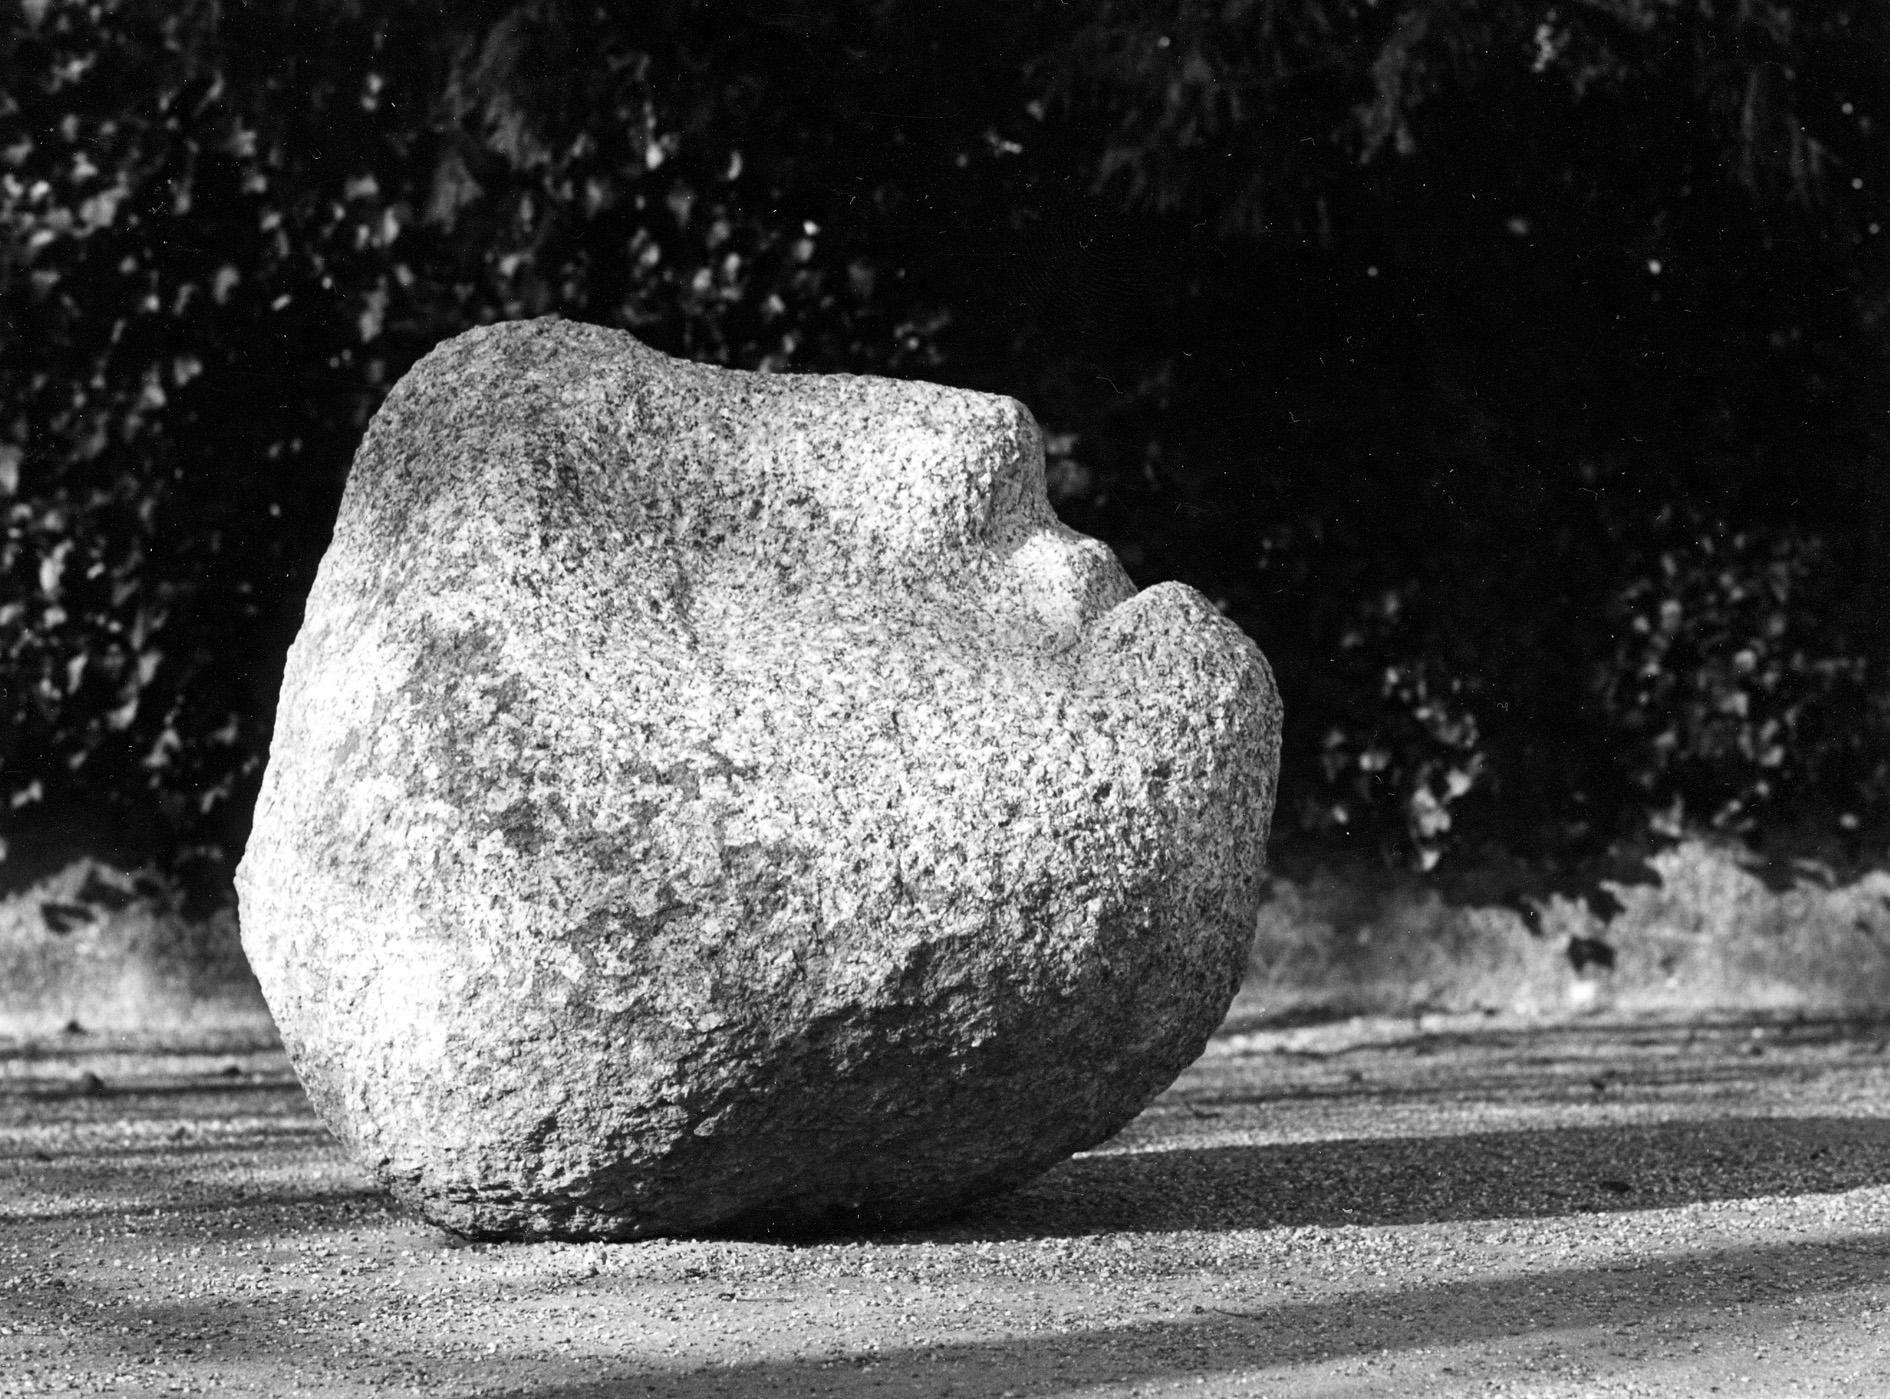 L'image d'une sculpture en pierre, qui rappelle un visage humain.